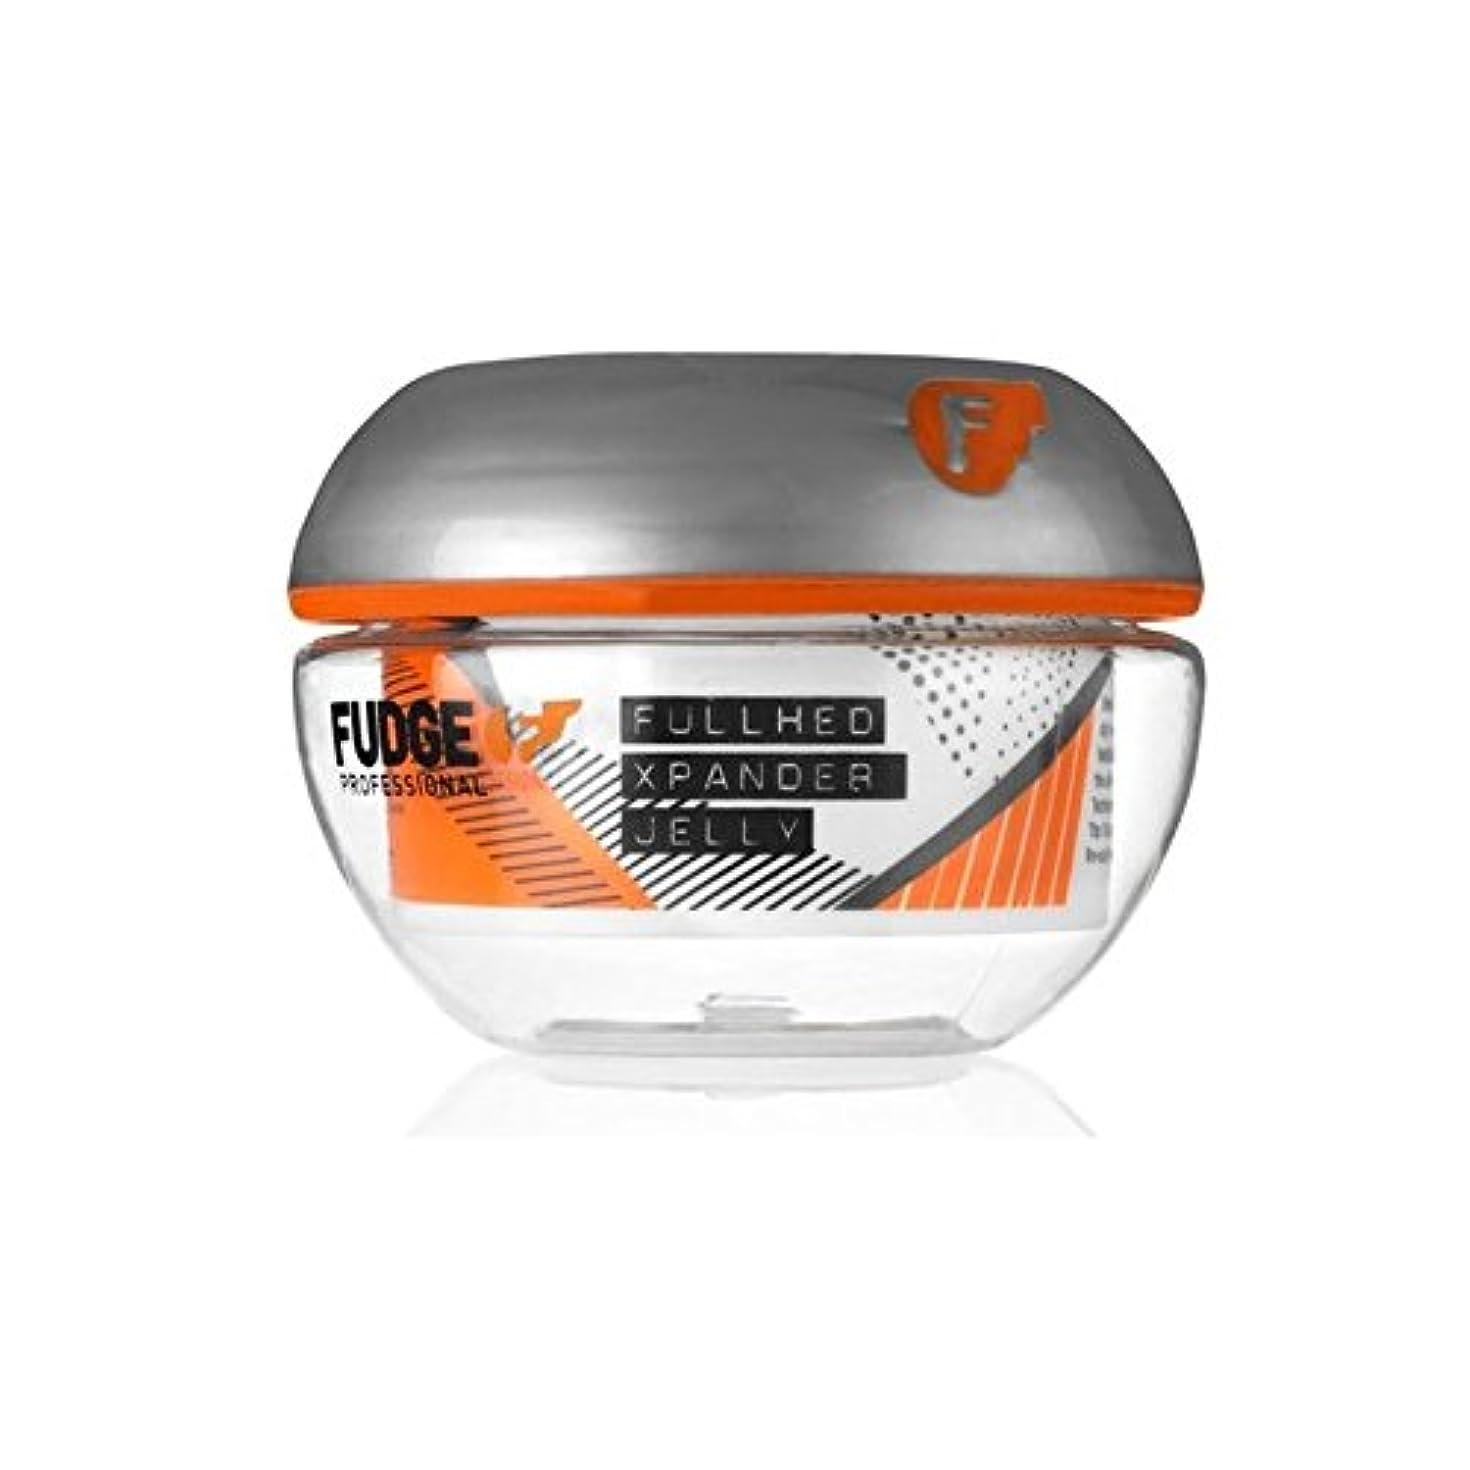 証人独裁者干渉ファッジ ゼリー(75グラム) x4 - Fudge Fullhed Xpander Jelly (75G) (Pack of 4) [並行輸入品]